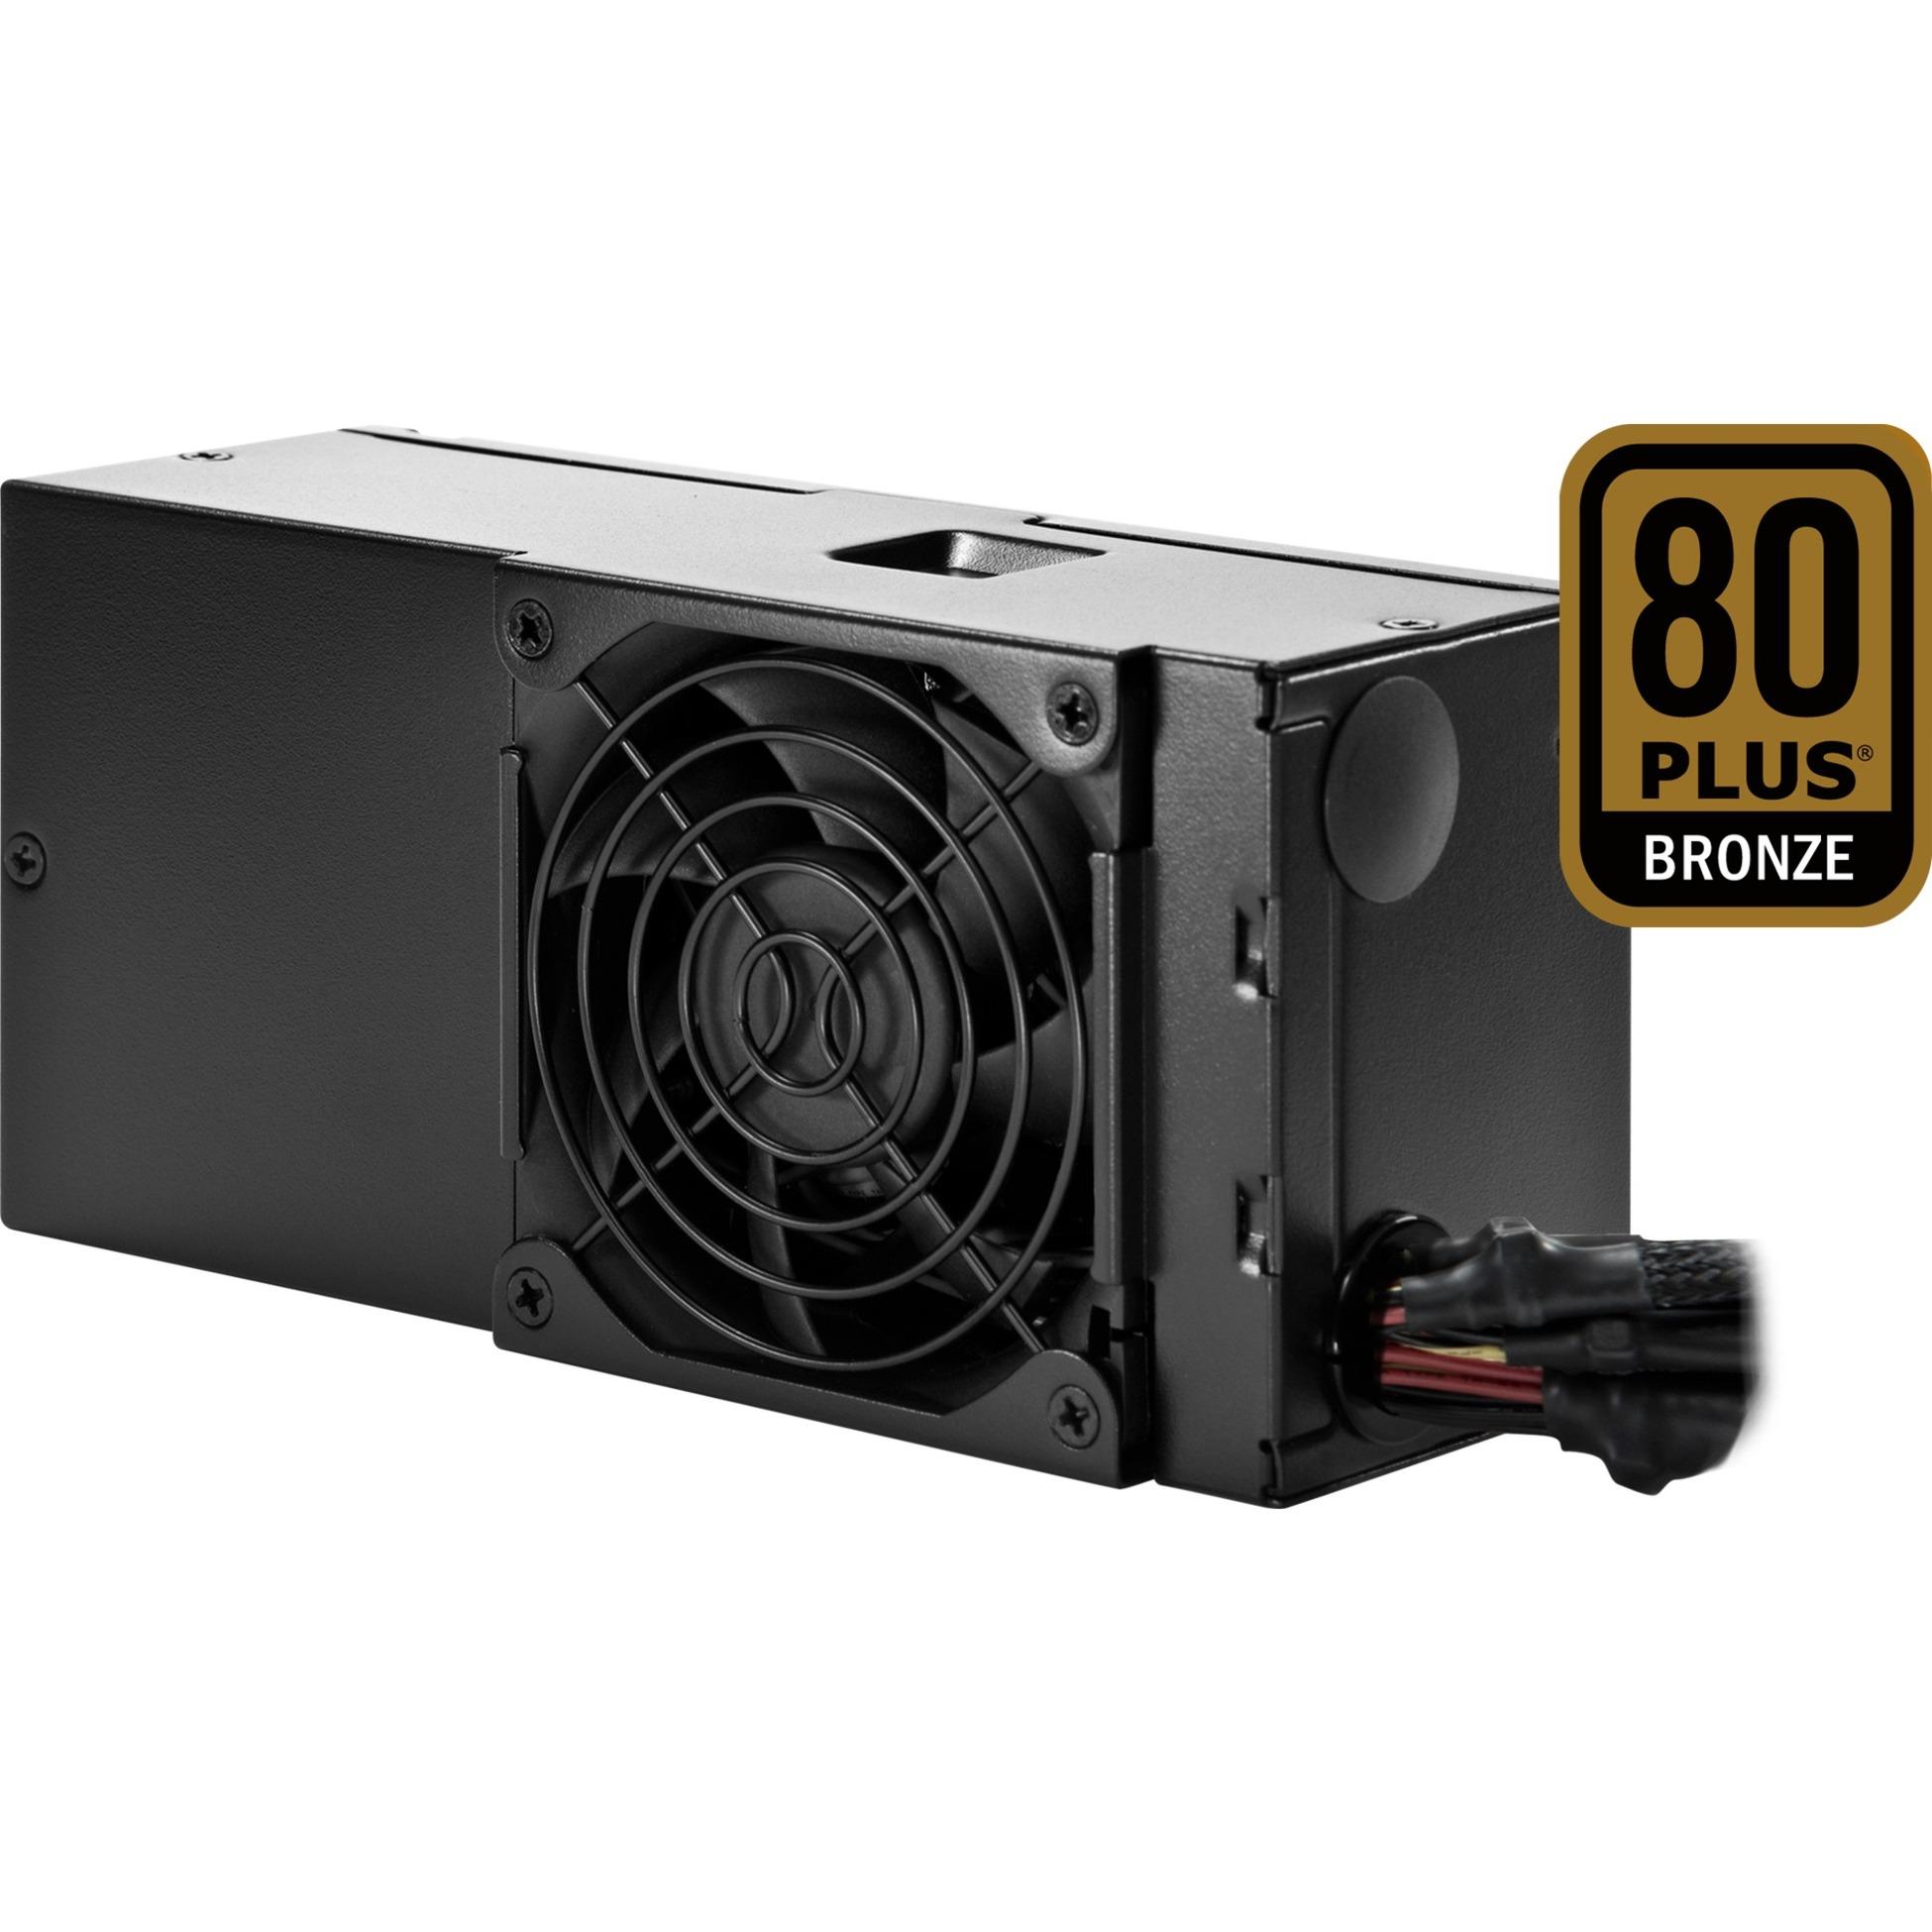 BN228 unidad de fuente de alimentación 300 W TFX Negro, Fuente de alimentación de PC